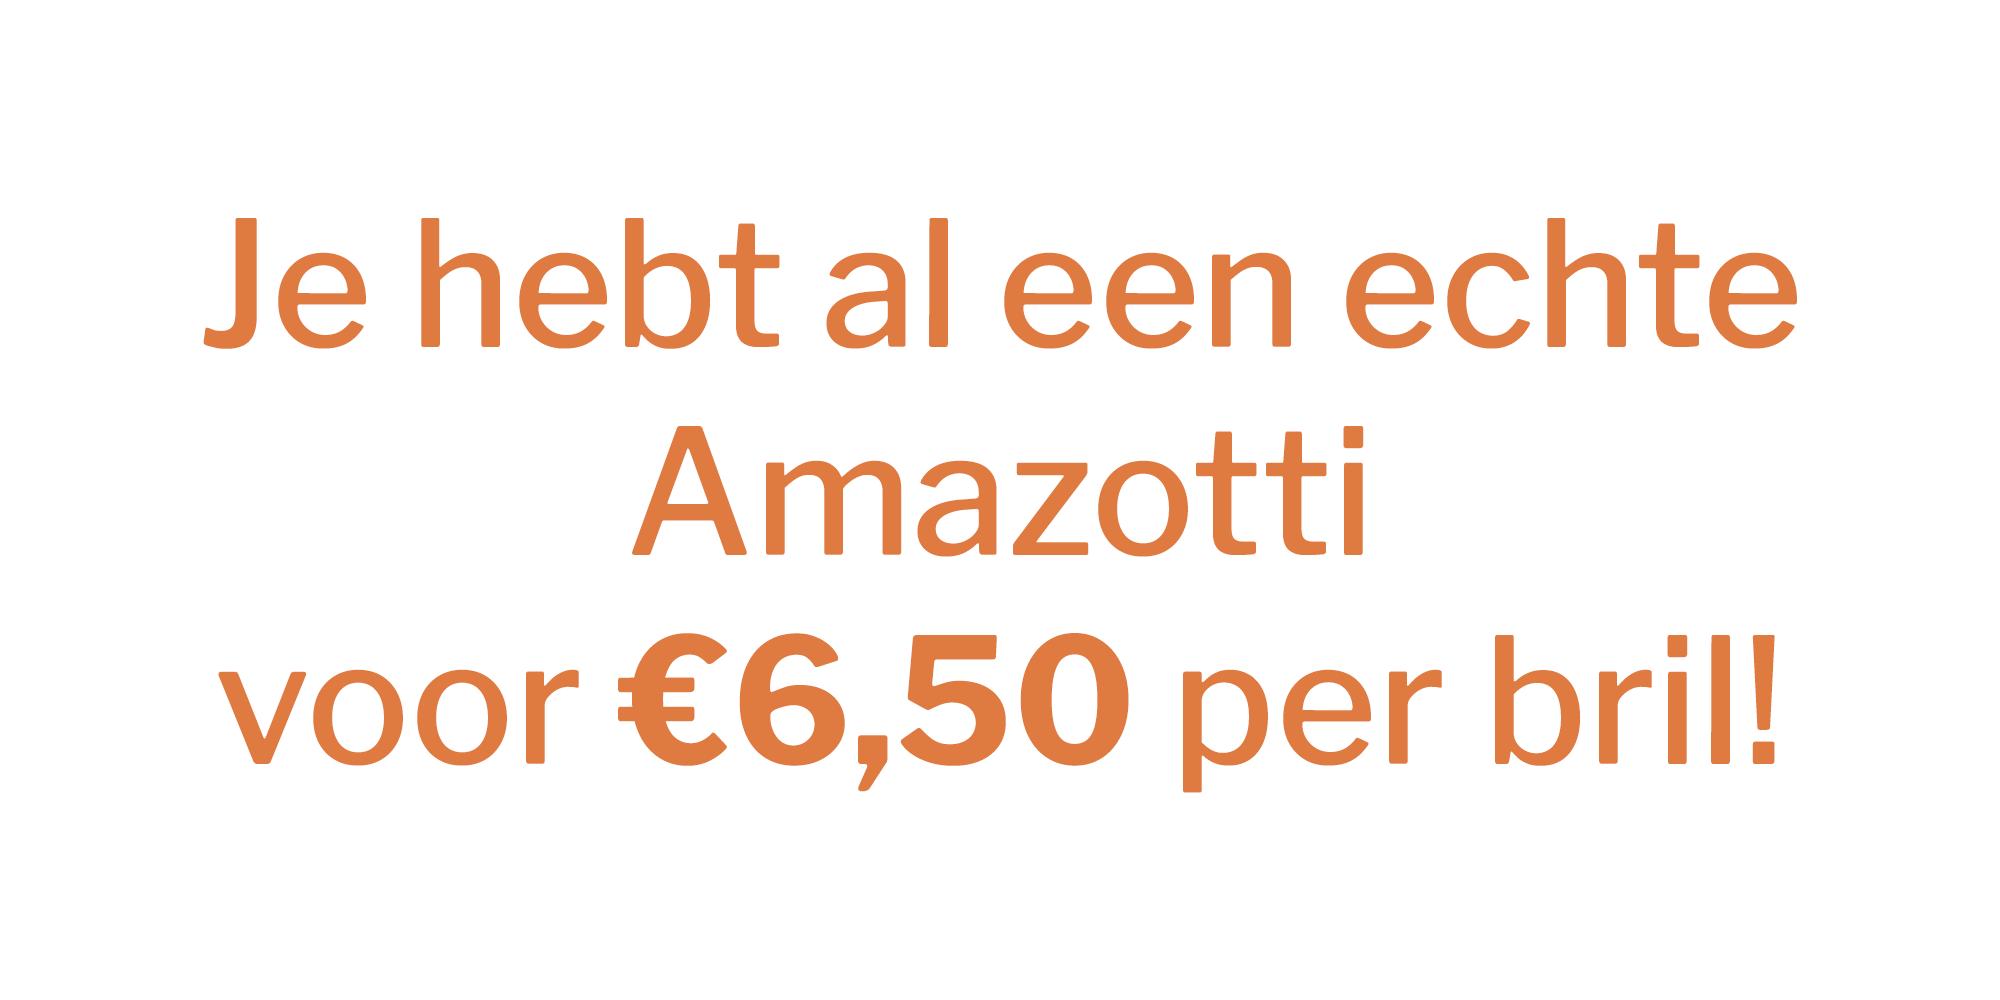 Je hebt al een echte Amazotti voor 6,50 per bril! - banner